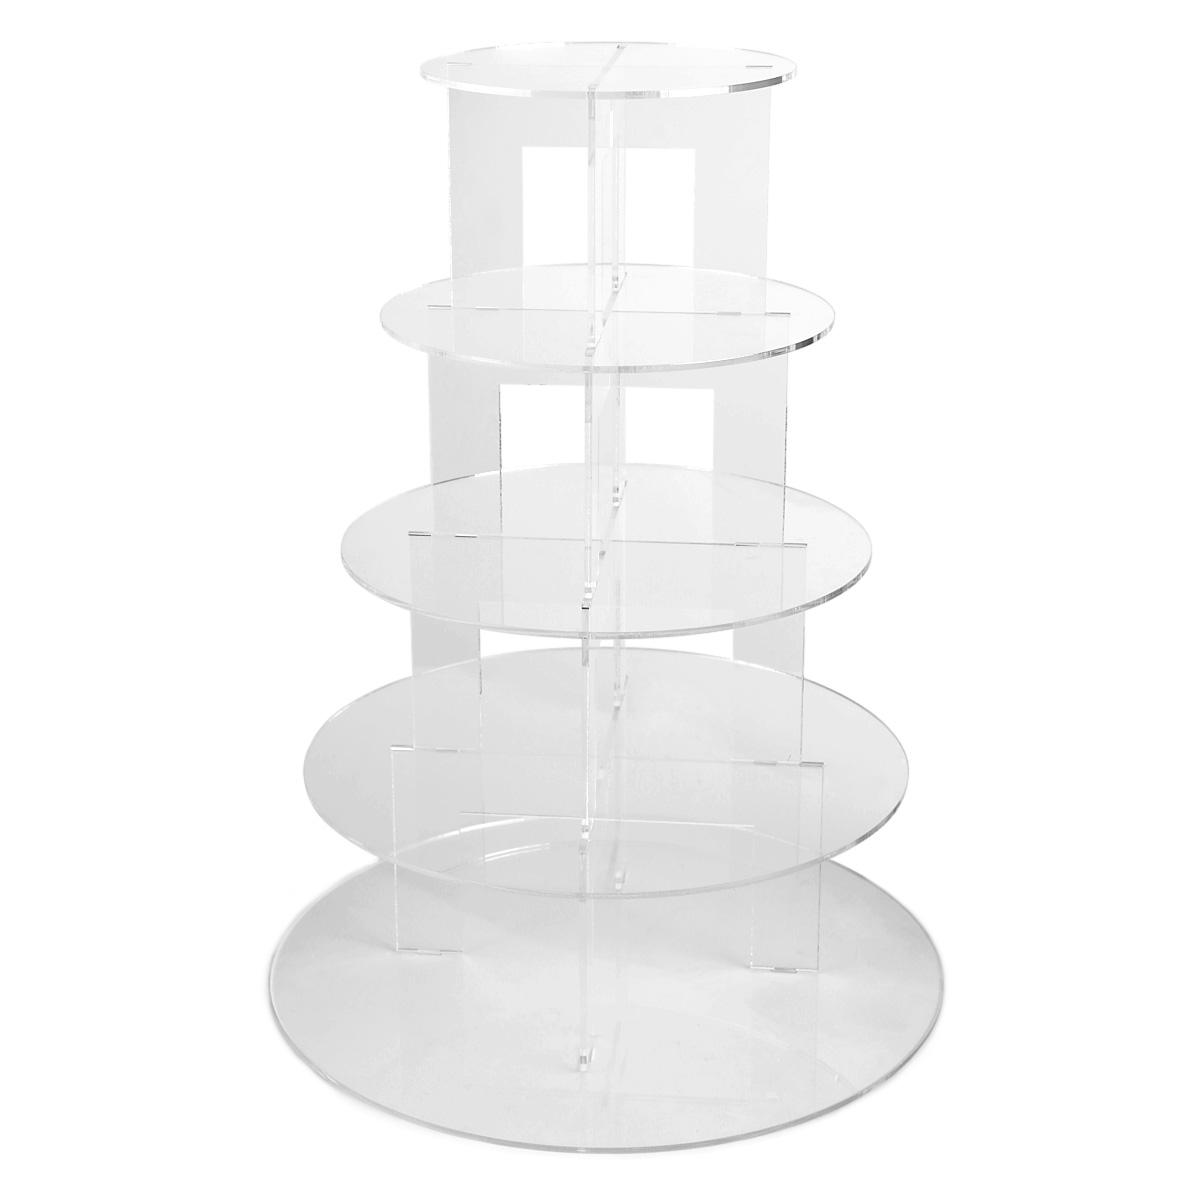 prsentoir gteau 5 etages rond transparent acrylique support pour mariage fte - Presentoir Gateau Mariage